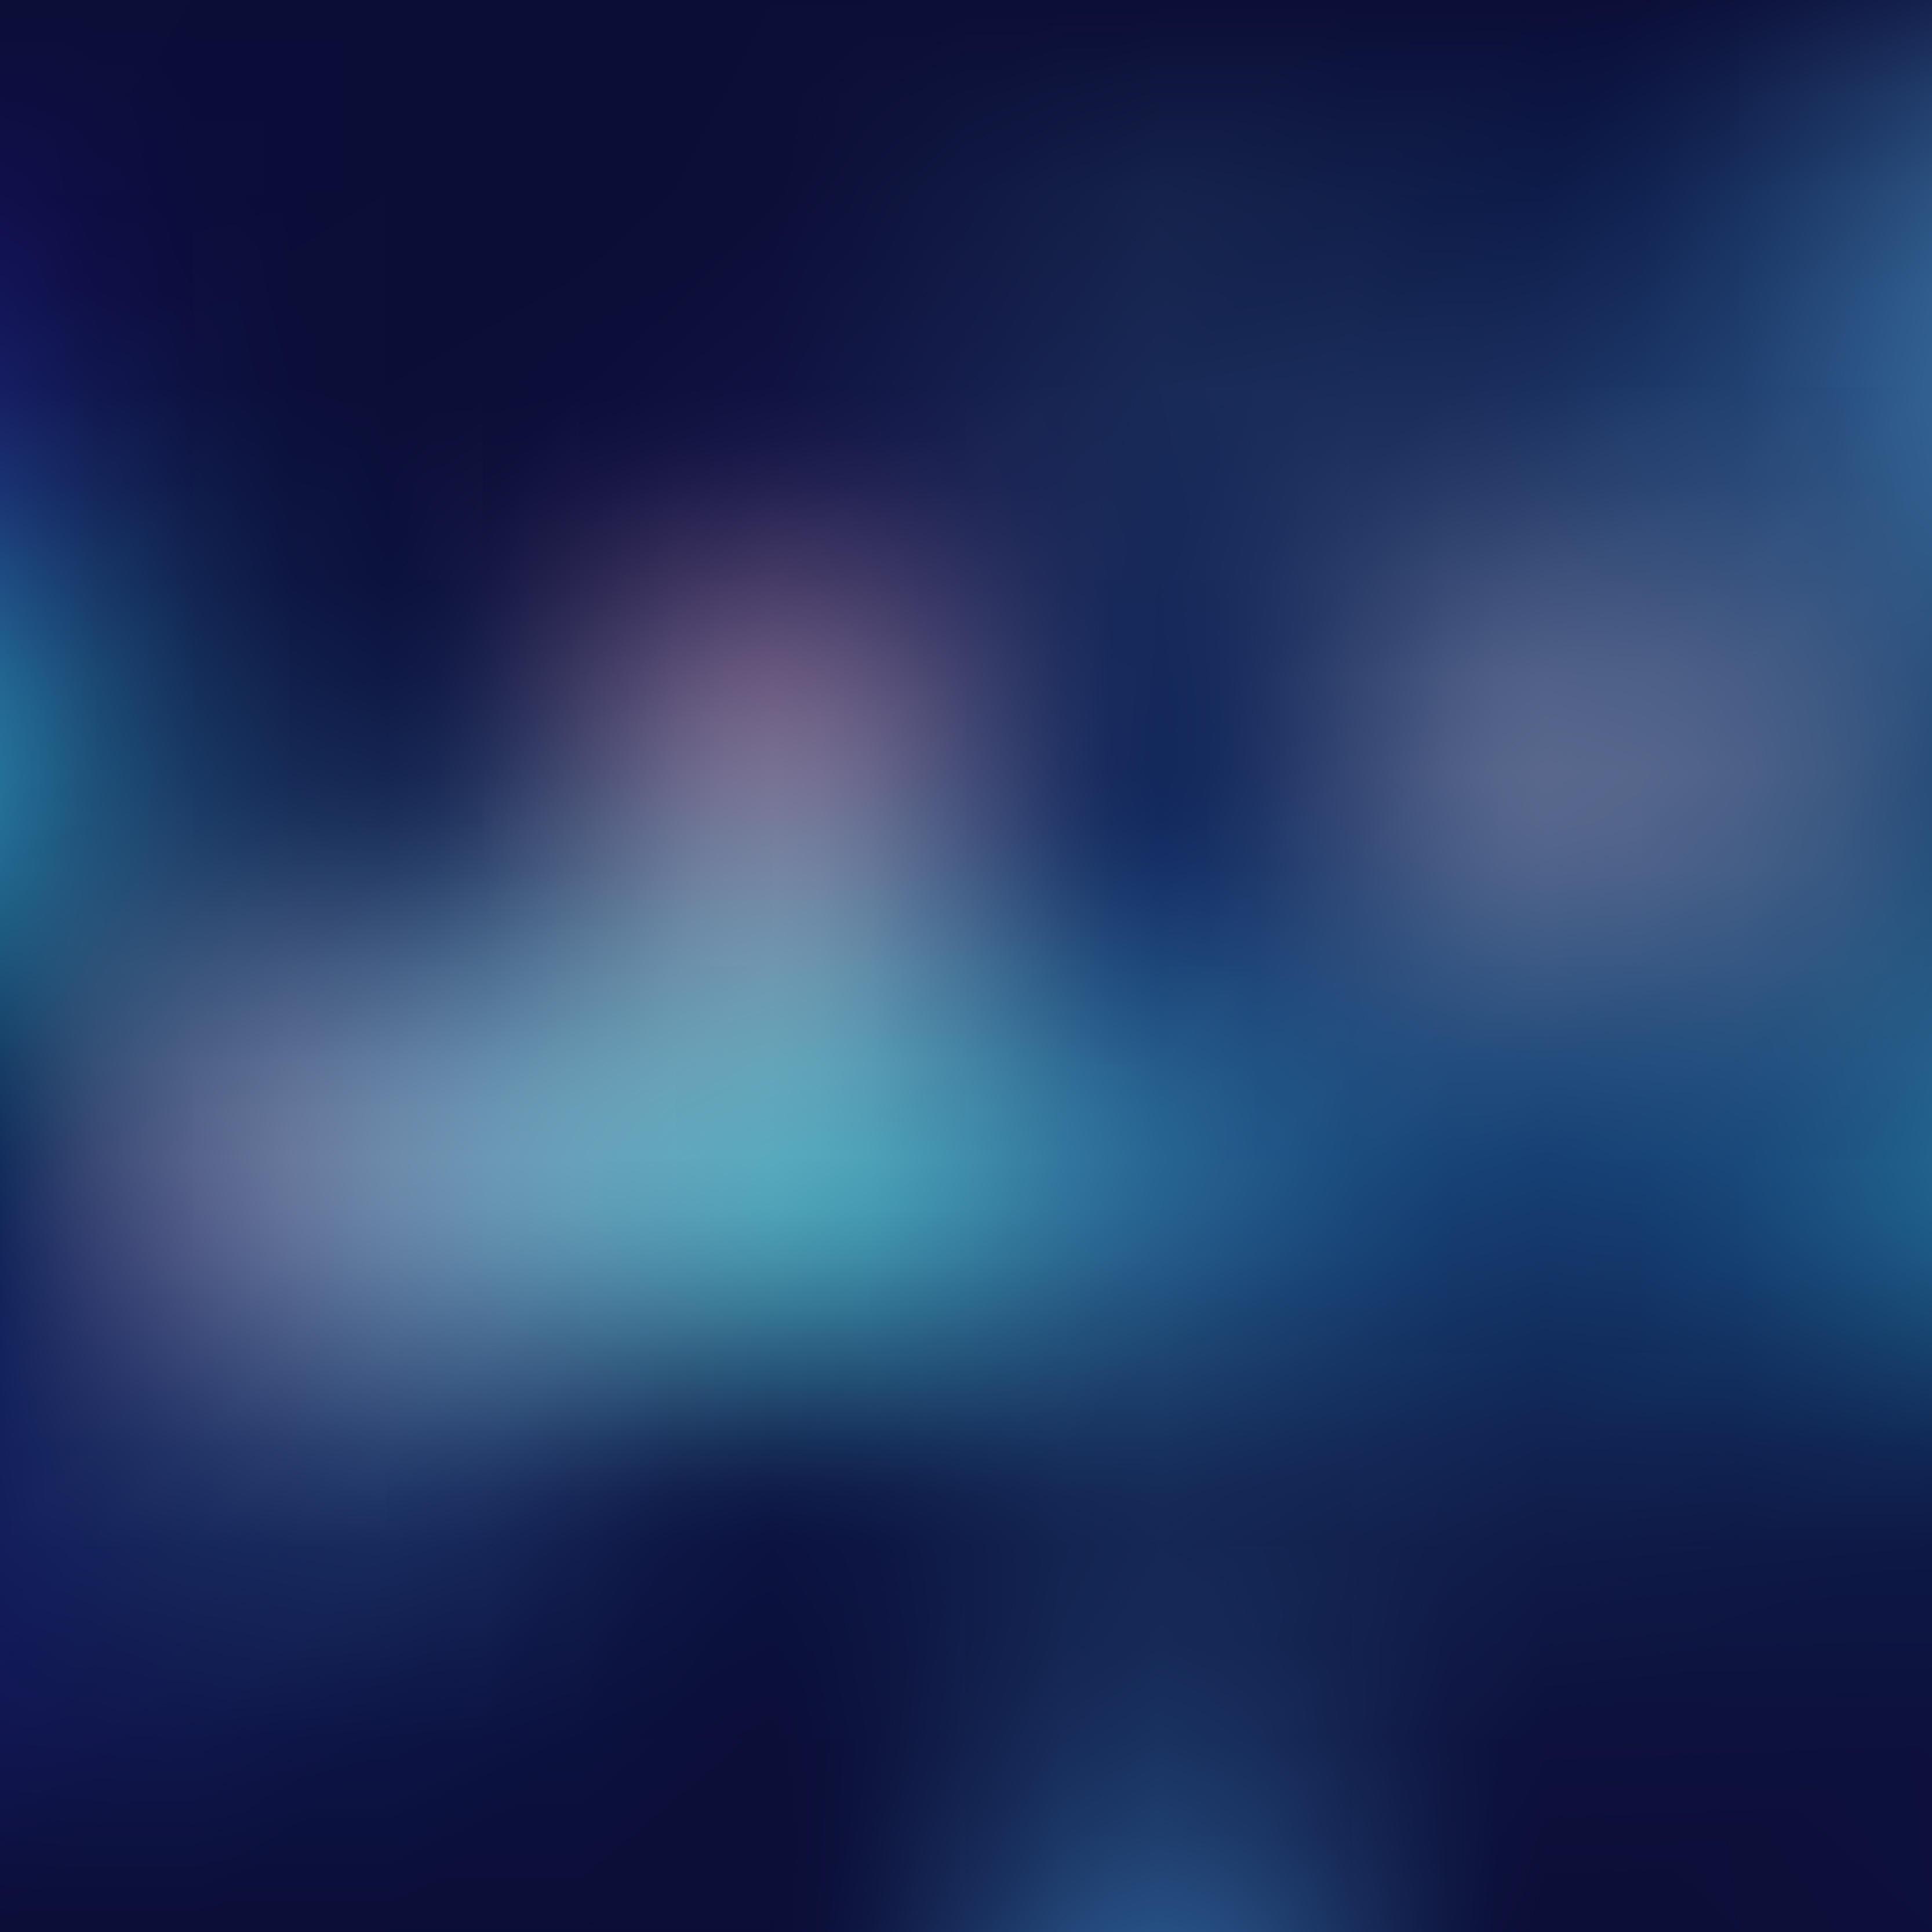 Dark Blue And Gold Bedroom Ideas: Blurred Dark Blue Background